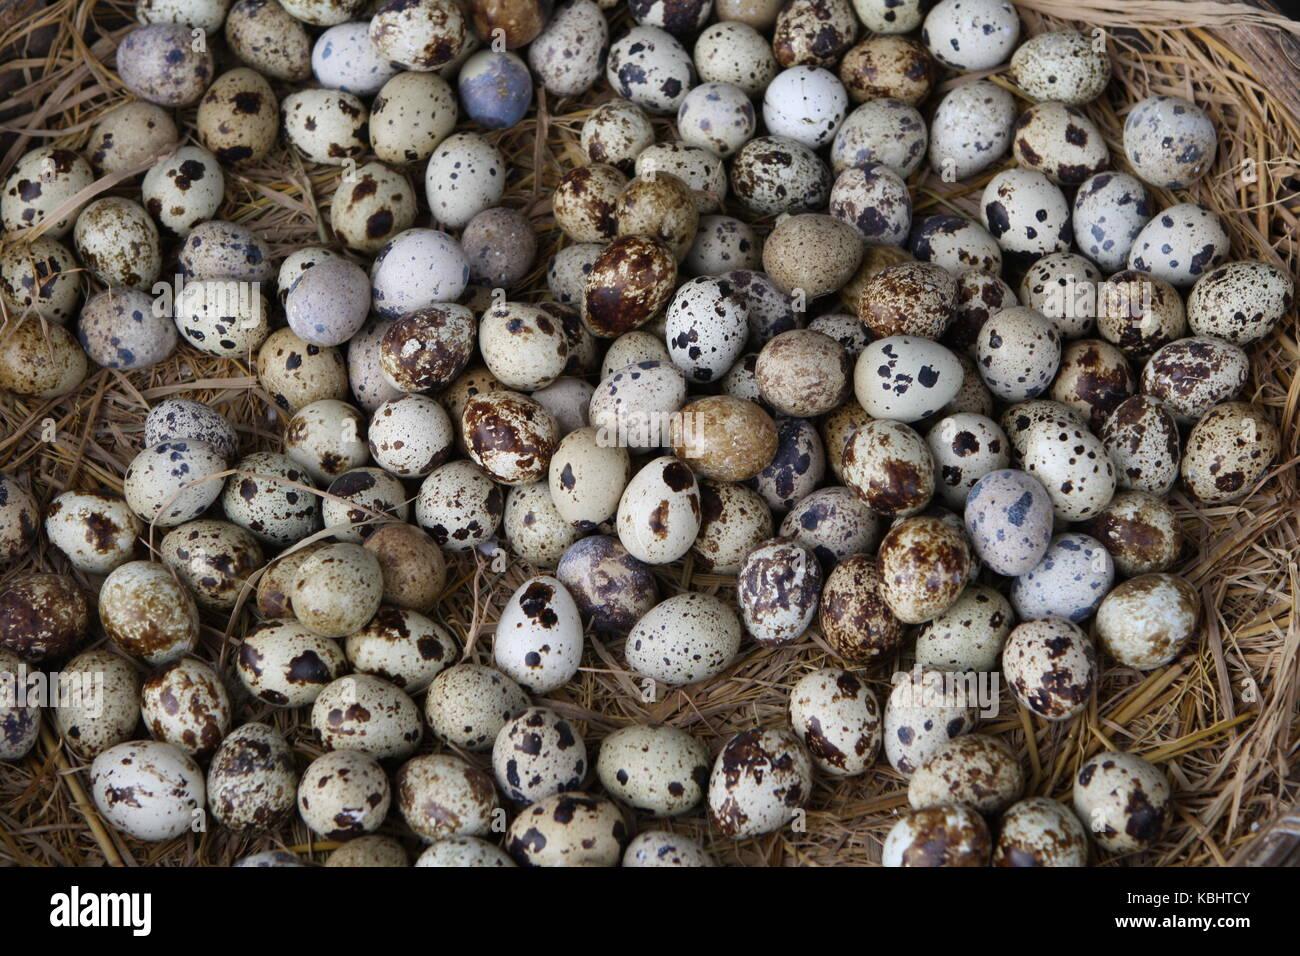 wachtel eier in einem Korb mit Stroh - quail eggs in a basket with straw - Stock Image